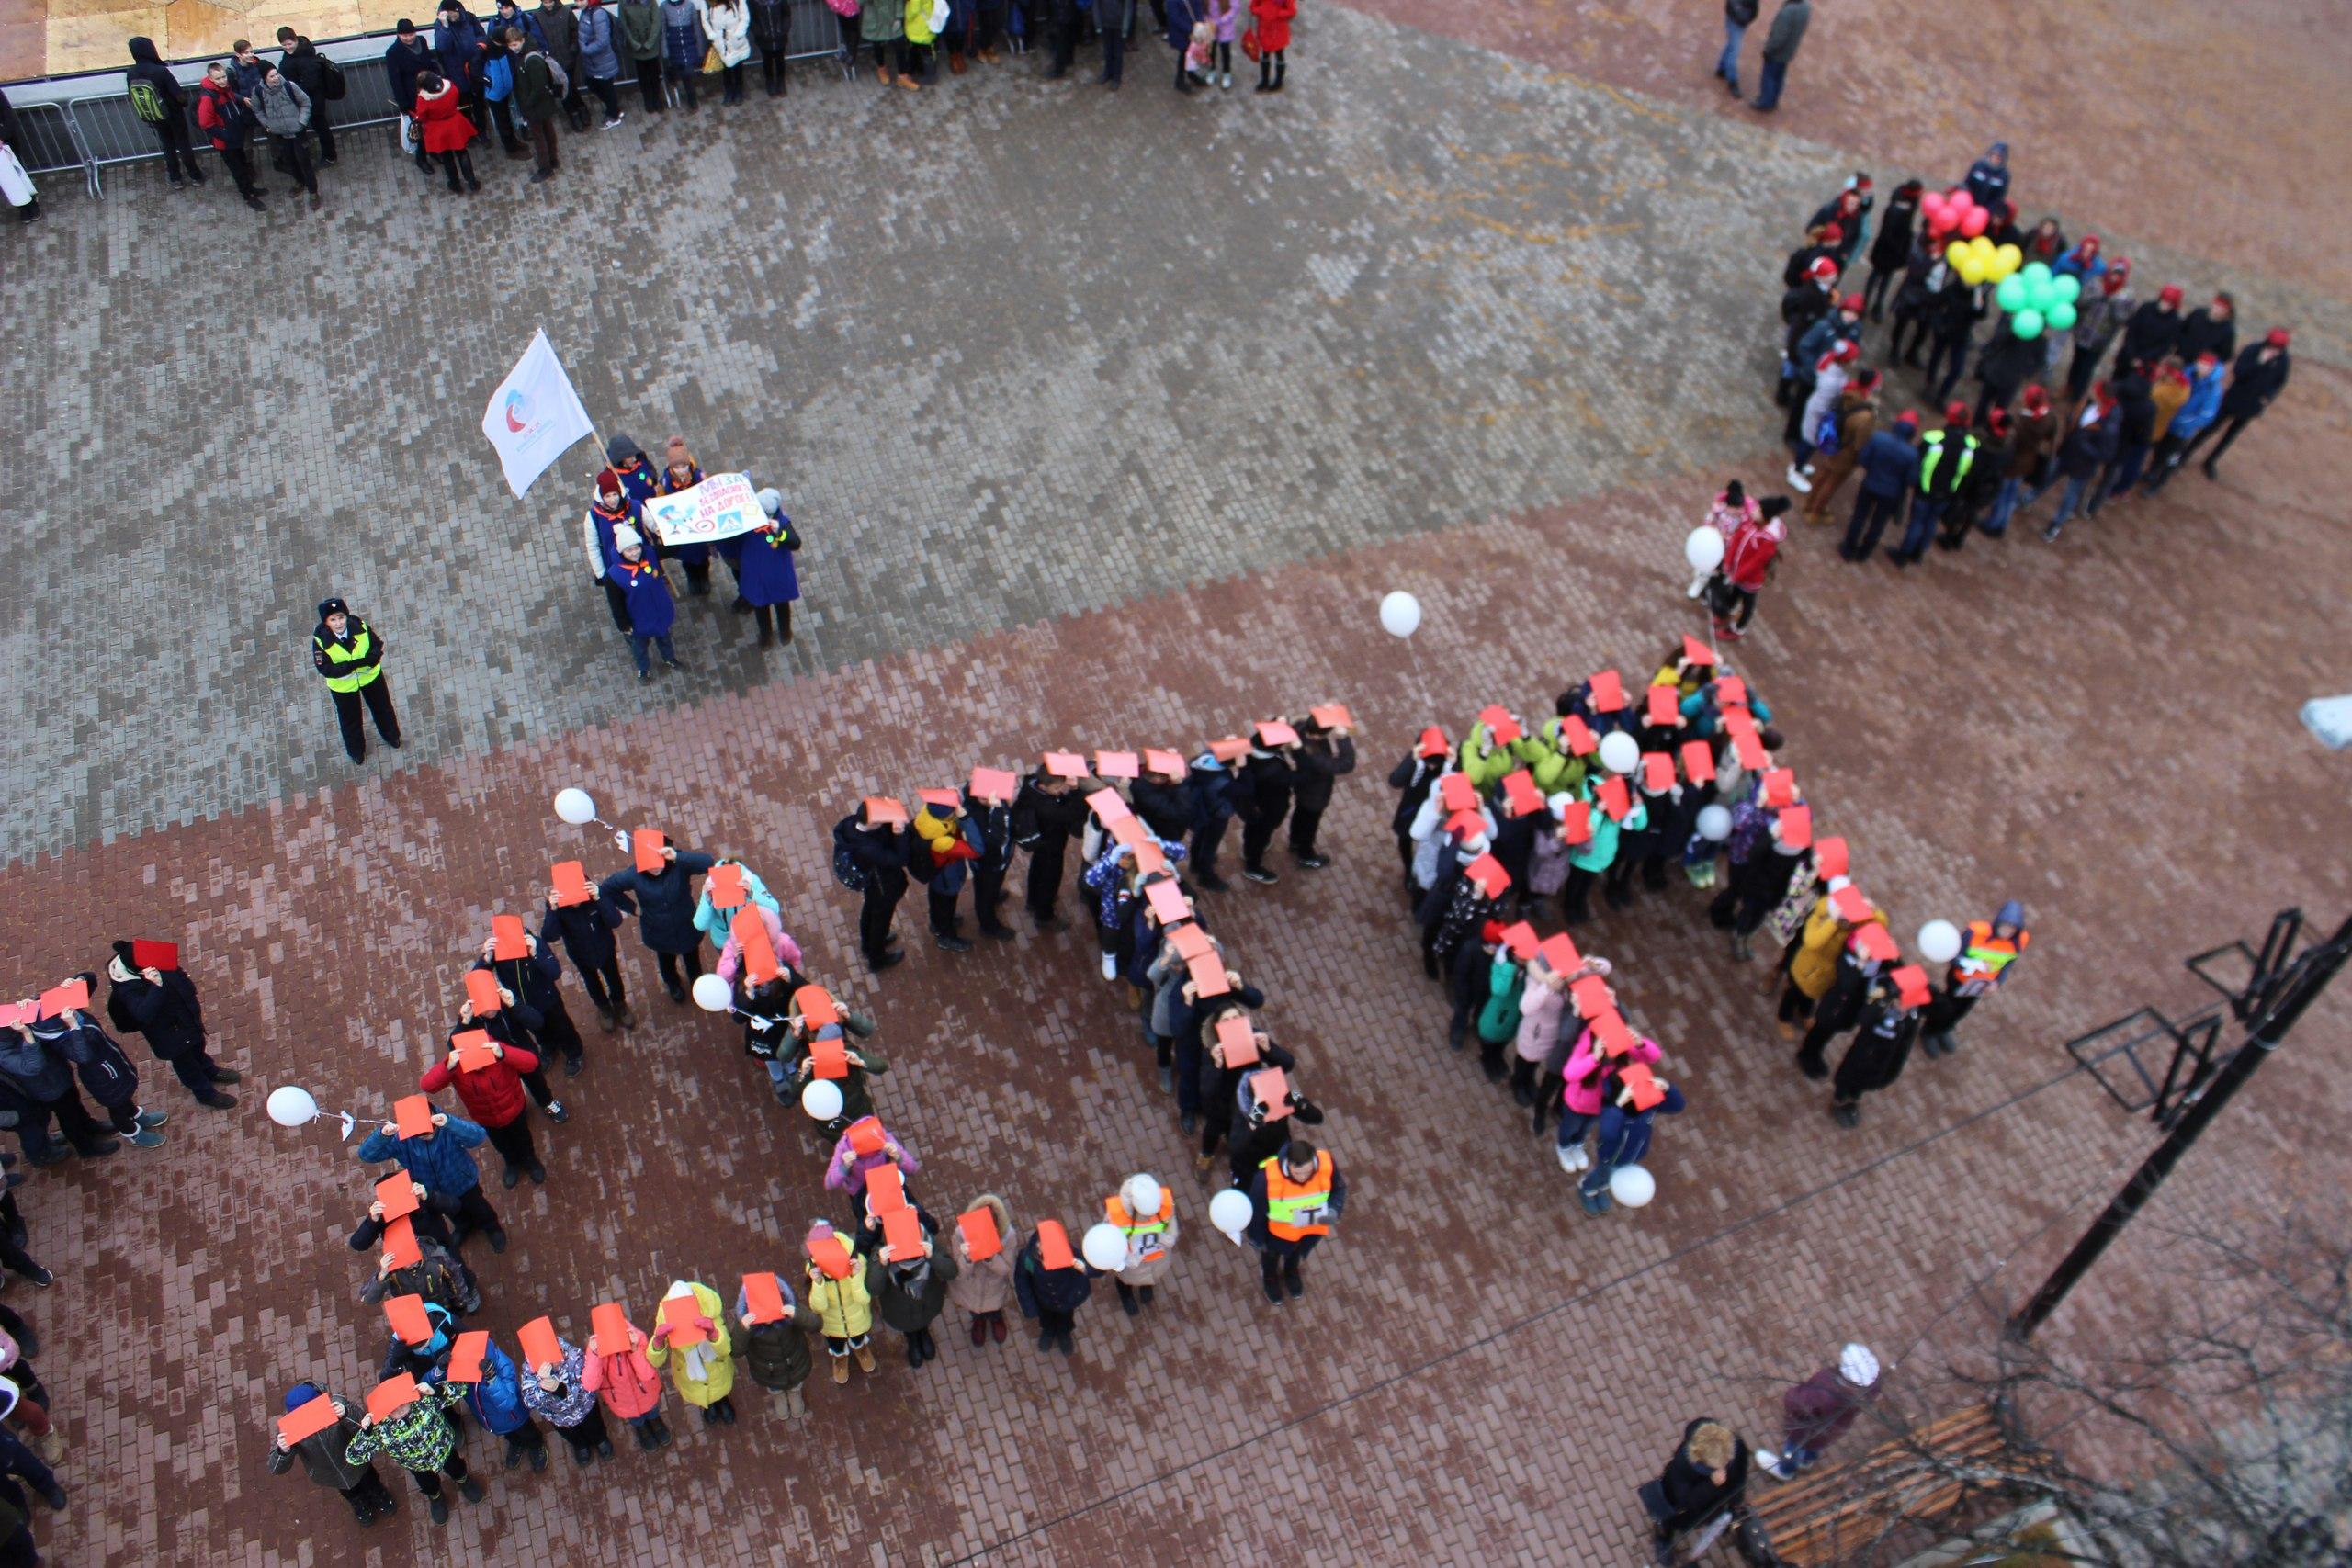 память о погибших в ДТП Чайковский, 2017 год